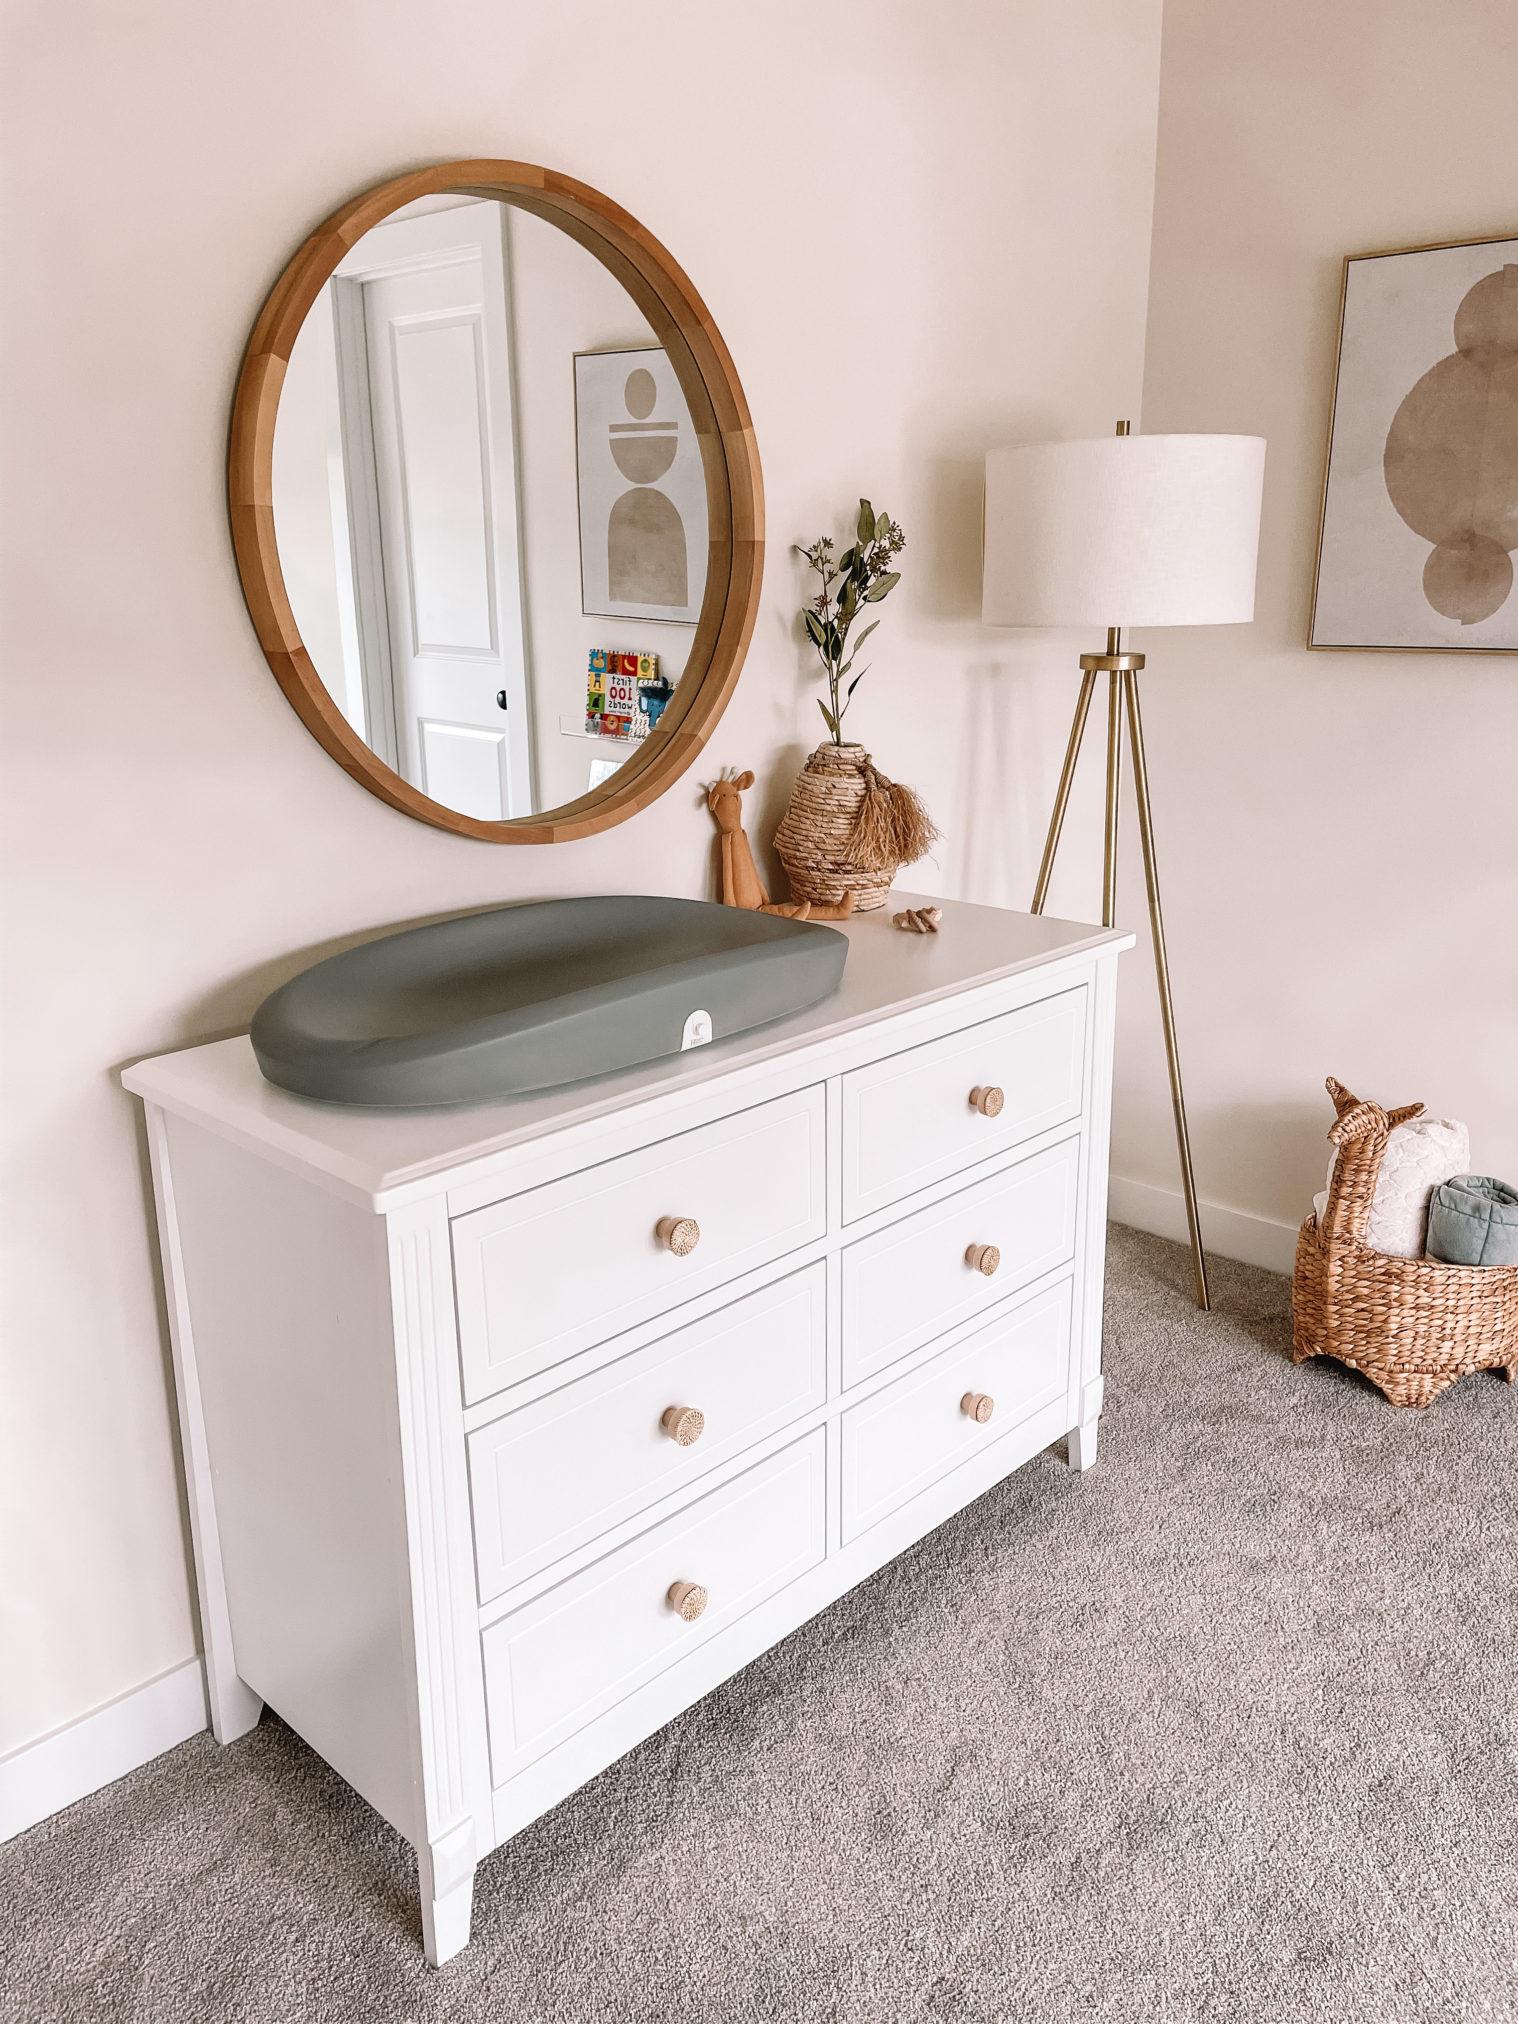 target nursery furniture, nursery decor, nursery mirror, nursery dresser, nursery changing table scale